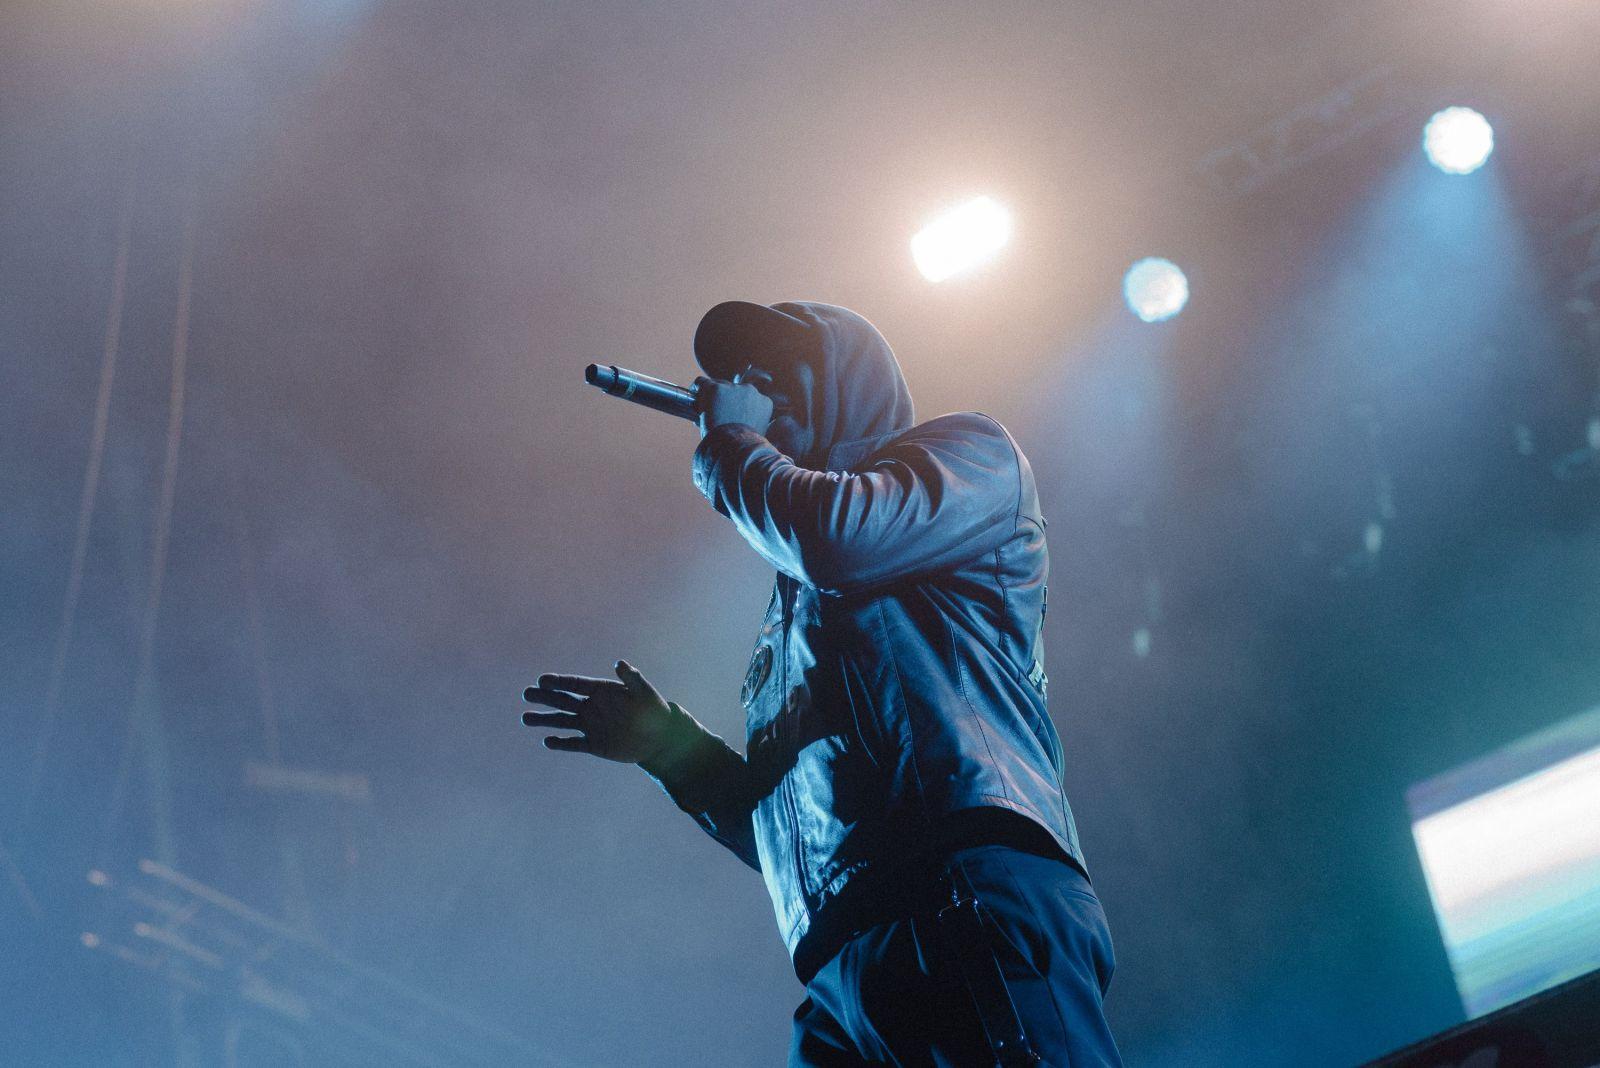 5 najlepších festivalových momentov na Slovensku: Na koncerty Skeptu, Lauryn Hill a ďalších budeme dlho spomínať